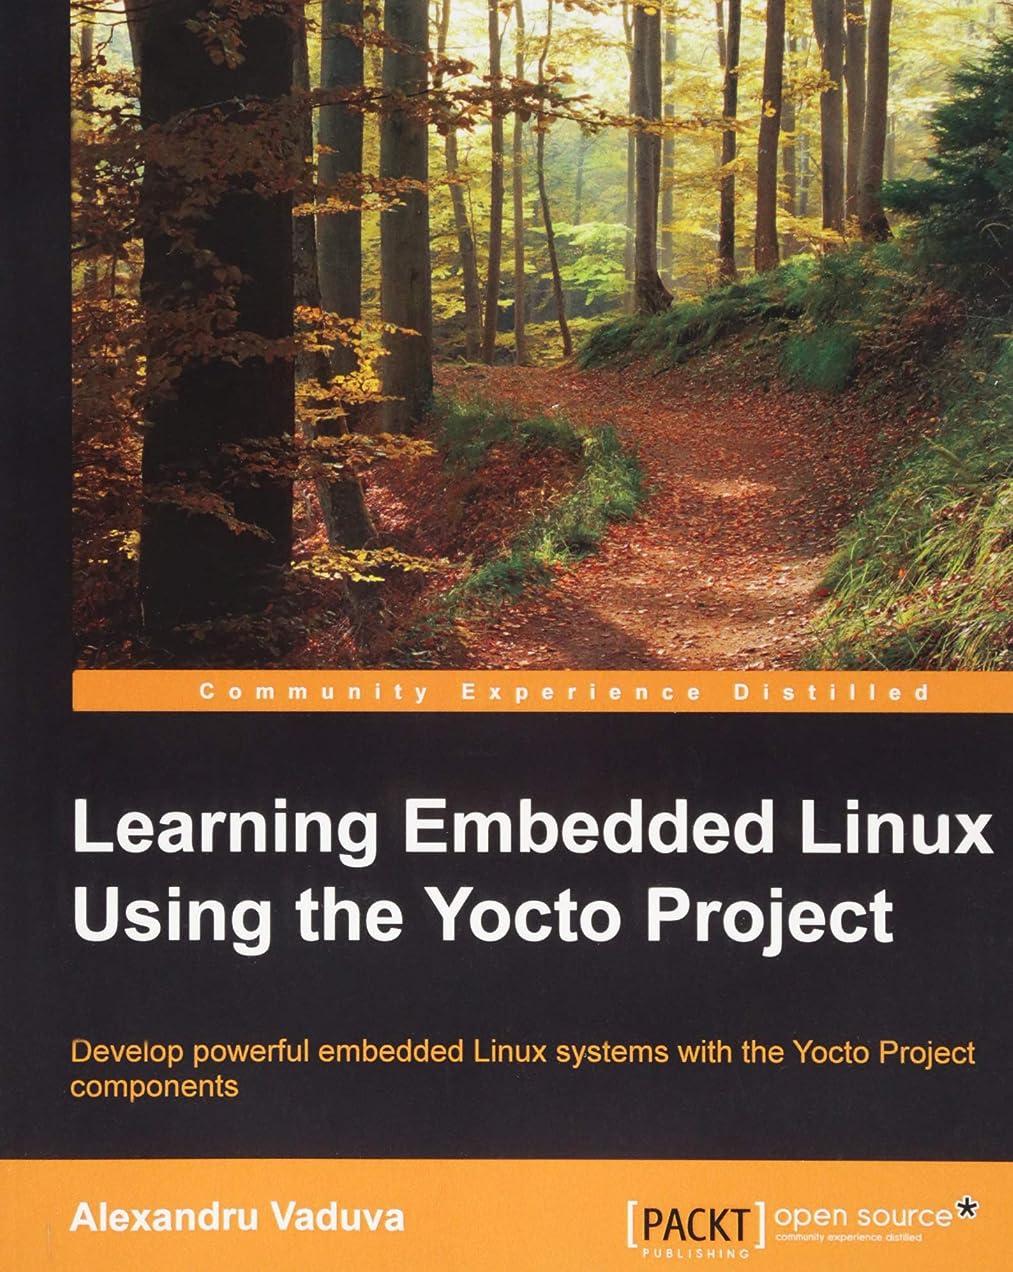 どきどき手首仮称Learning Embedded Linux Using the Yocto Project